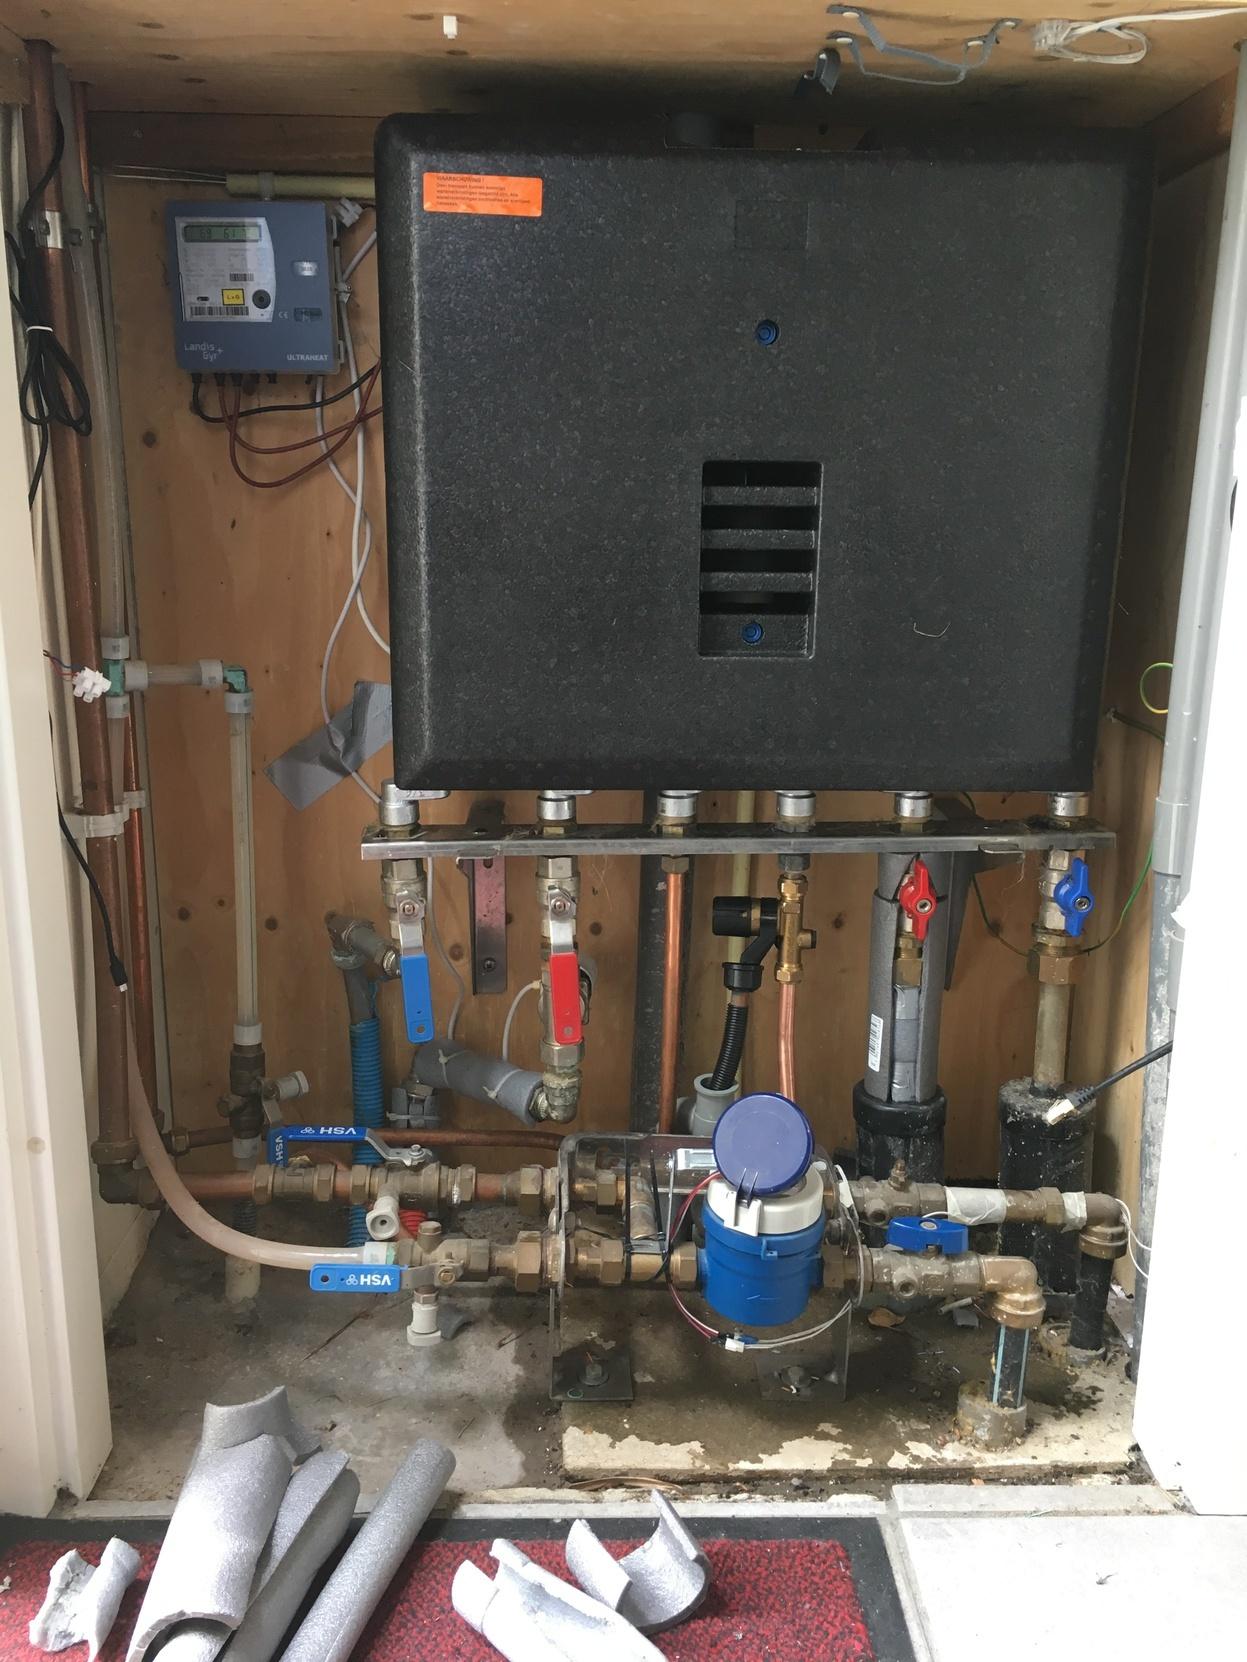 New 2020 Eneco district heating heat exhanger